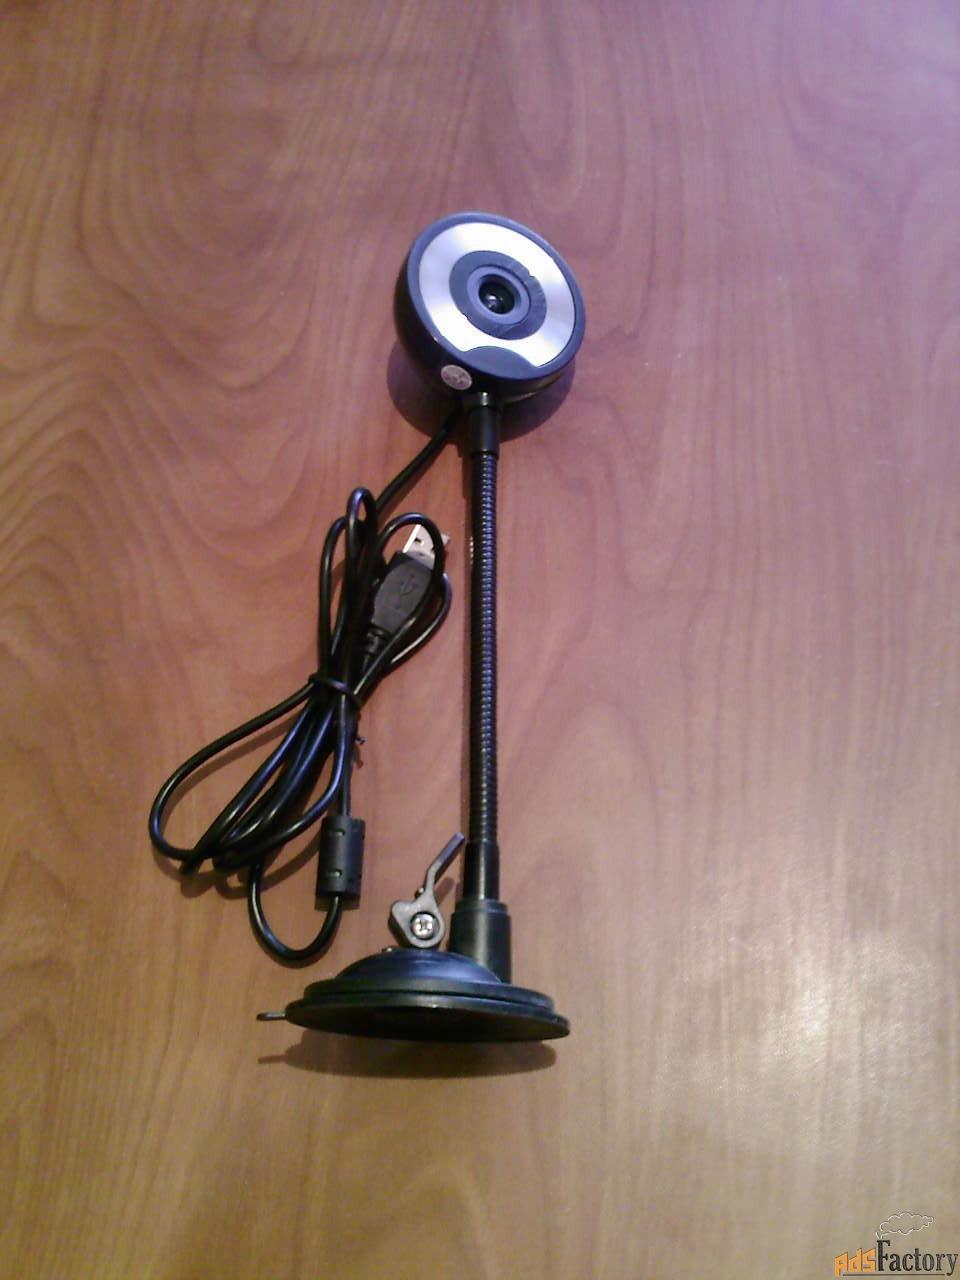 новая веб - камера x5tech xw-n6641.